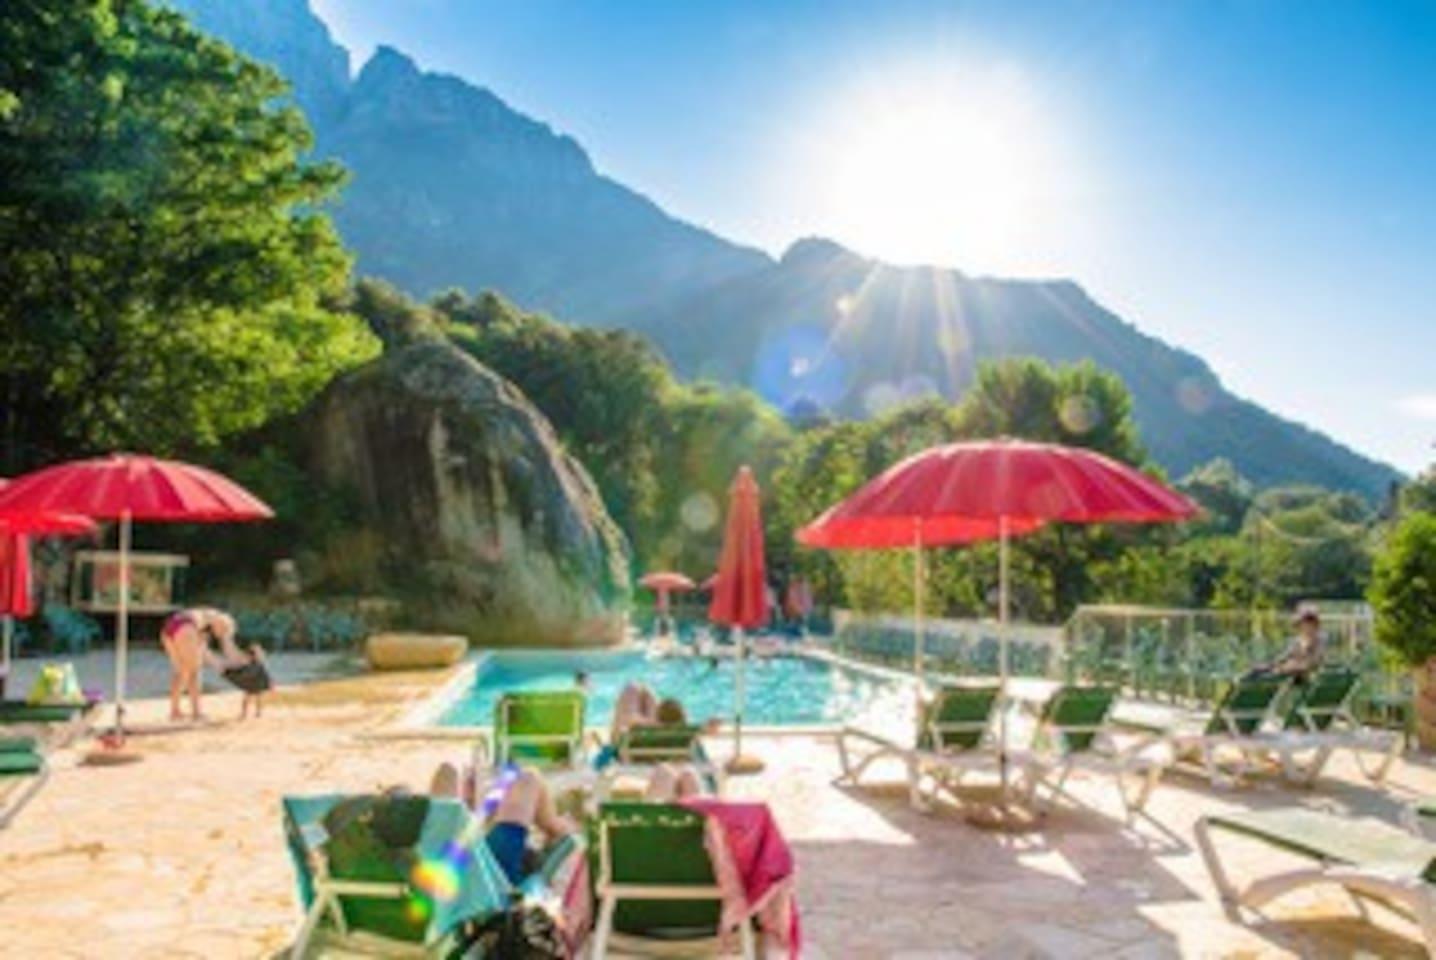 Camping Funtana à l'ora 2 km de la plage.  Climatisation, TV, Piscine et Reception ouverte jusqu'à 22h ( Pizza, Boulangerie )